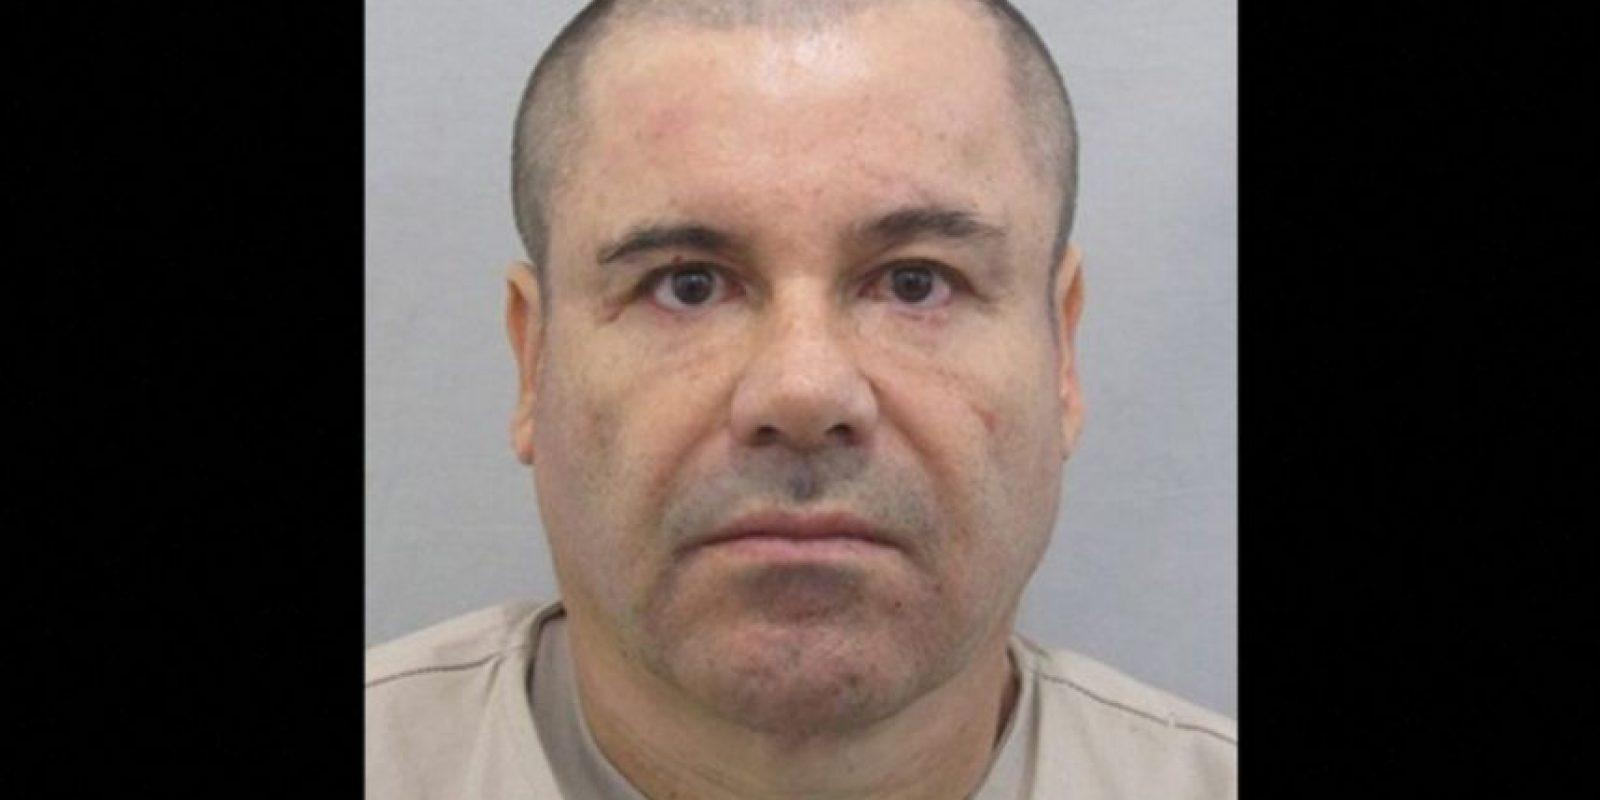 El 11 de julio de 2015, Guzmán Loera escapó de prisión por un tunel del hasta 1.5 kilómetros de largo. Foto:AP